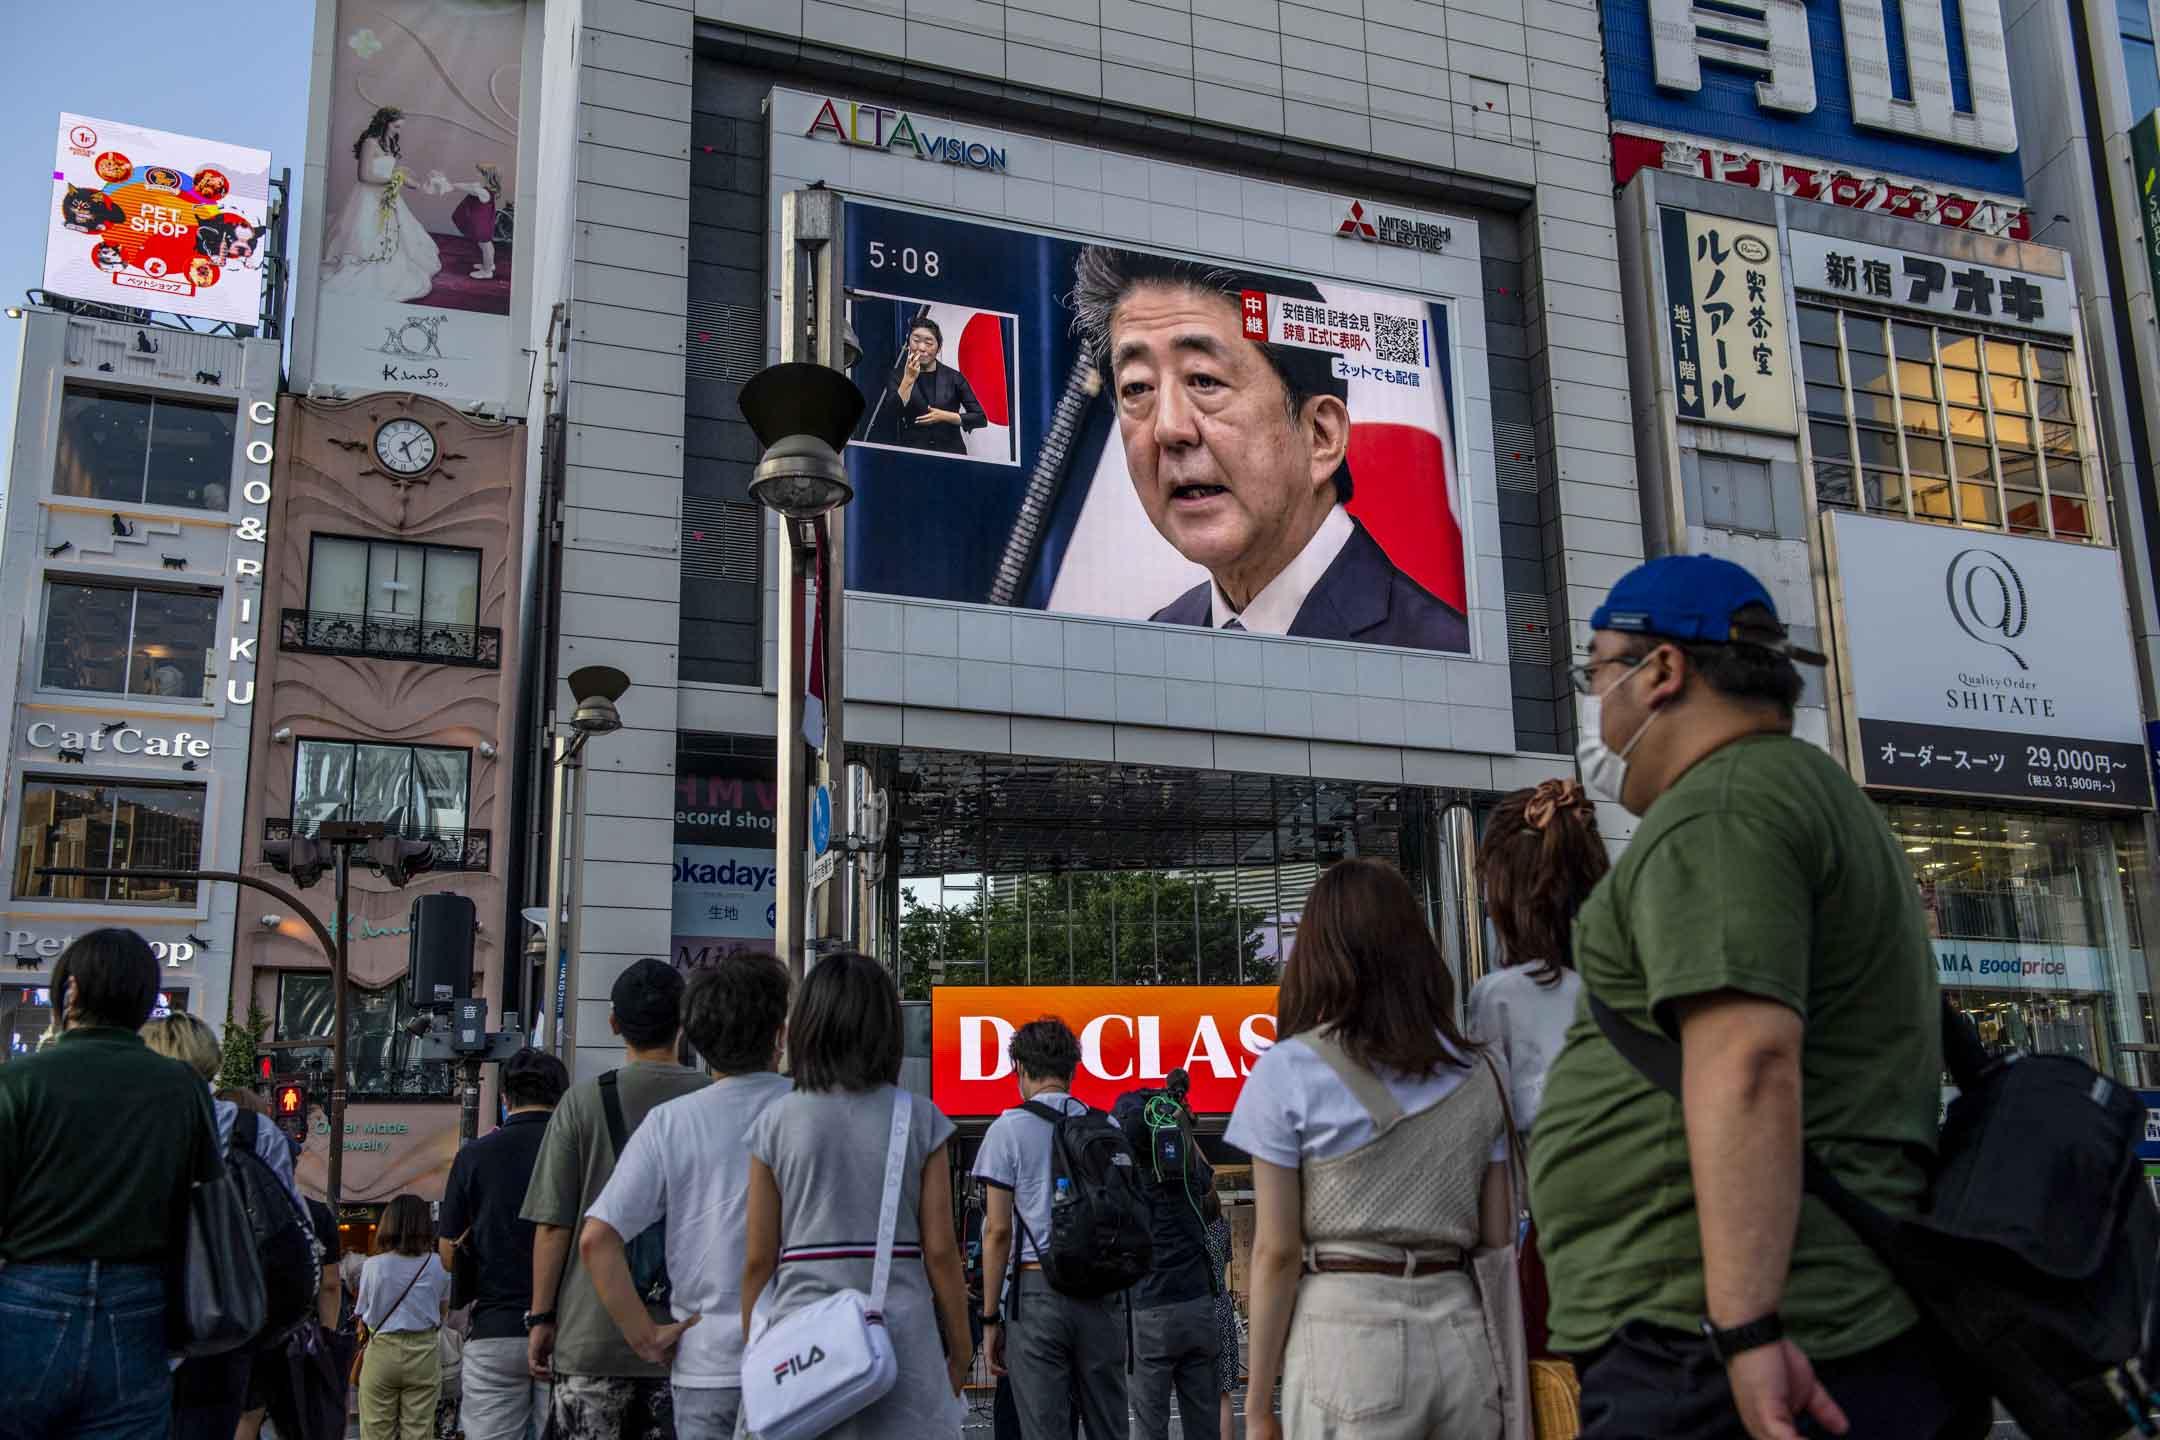 2020年8月28日,日本首相安倍晉三在巨大的電視屏幕上,他在記者會宣布辭職。 攝:Carl Court/Getty Images